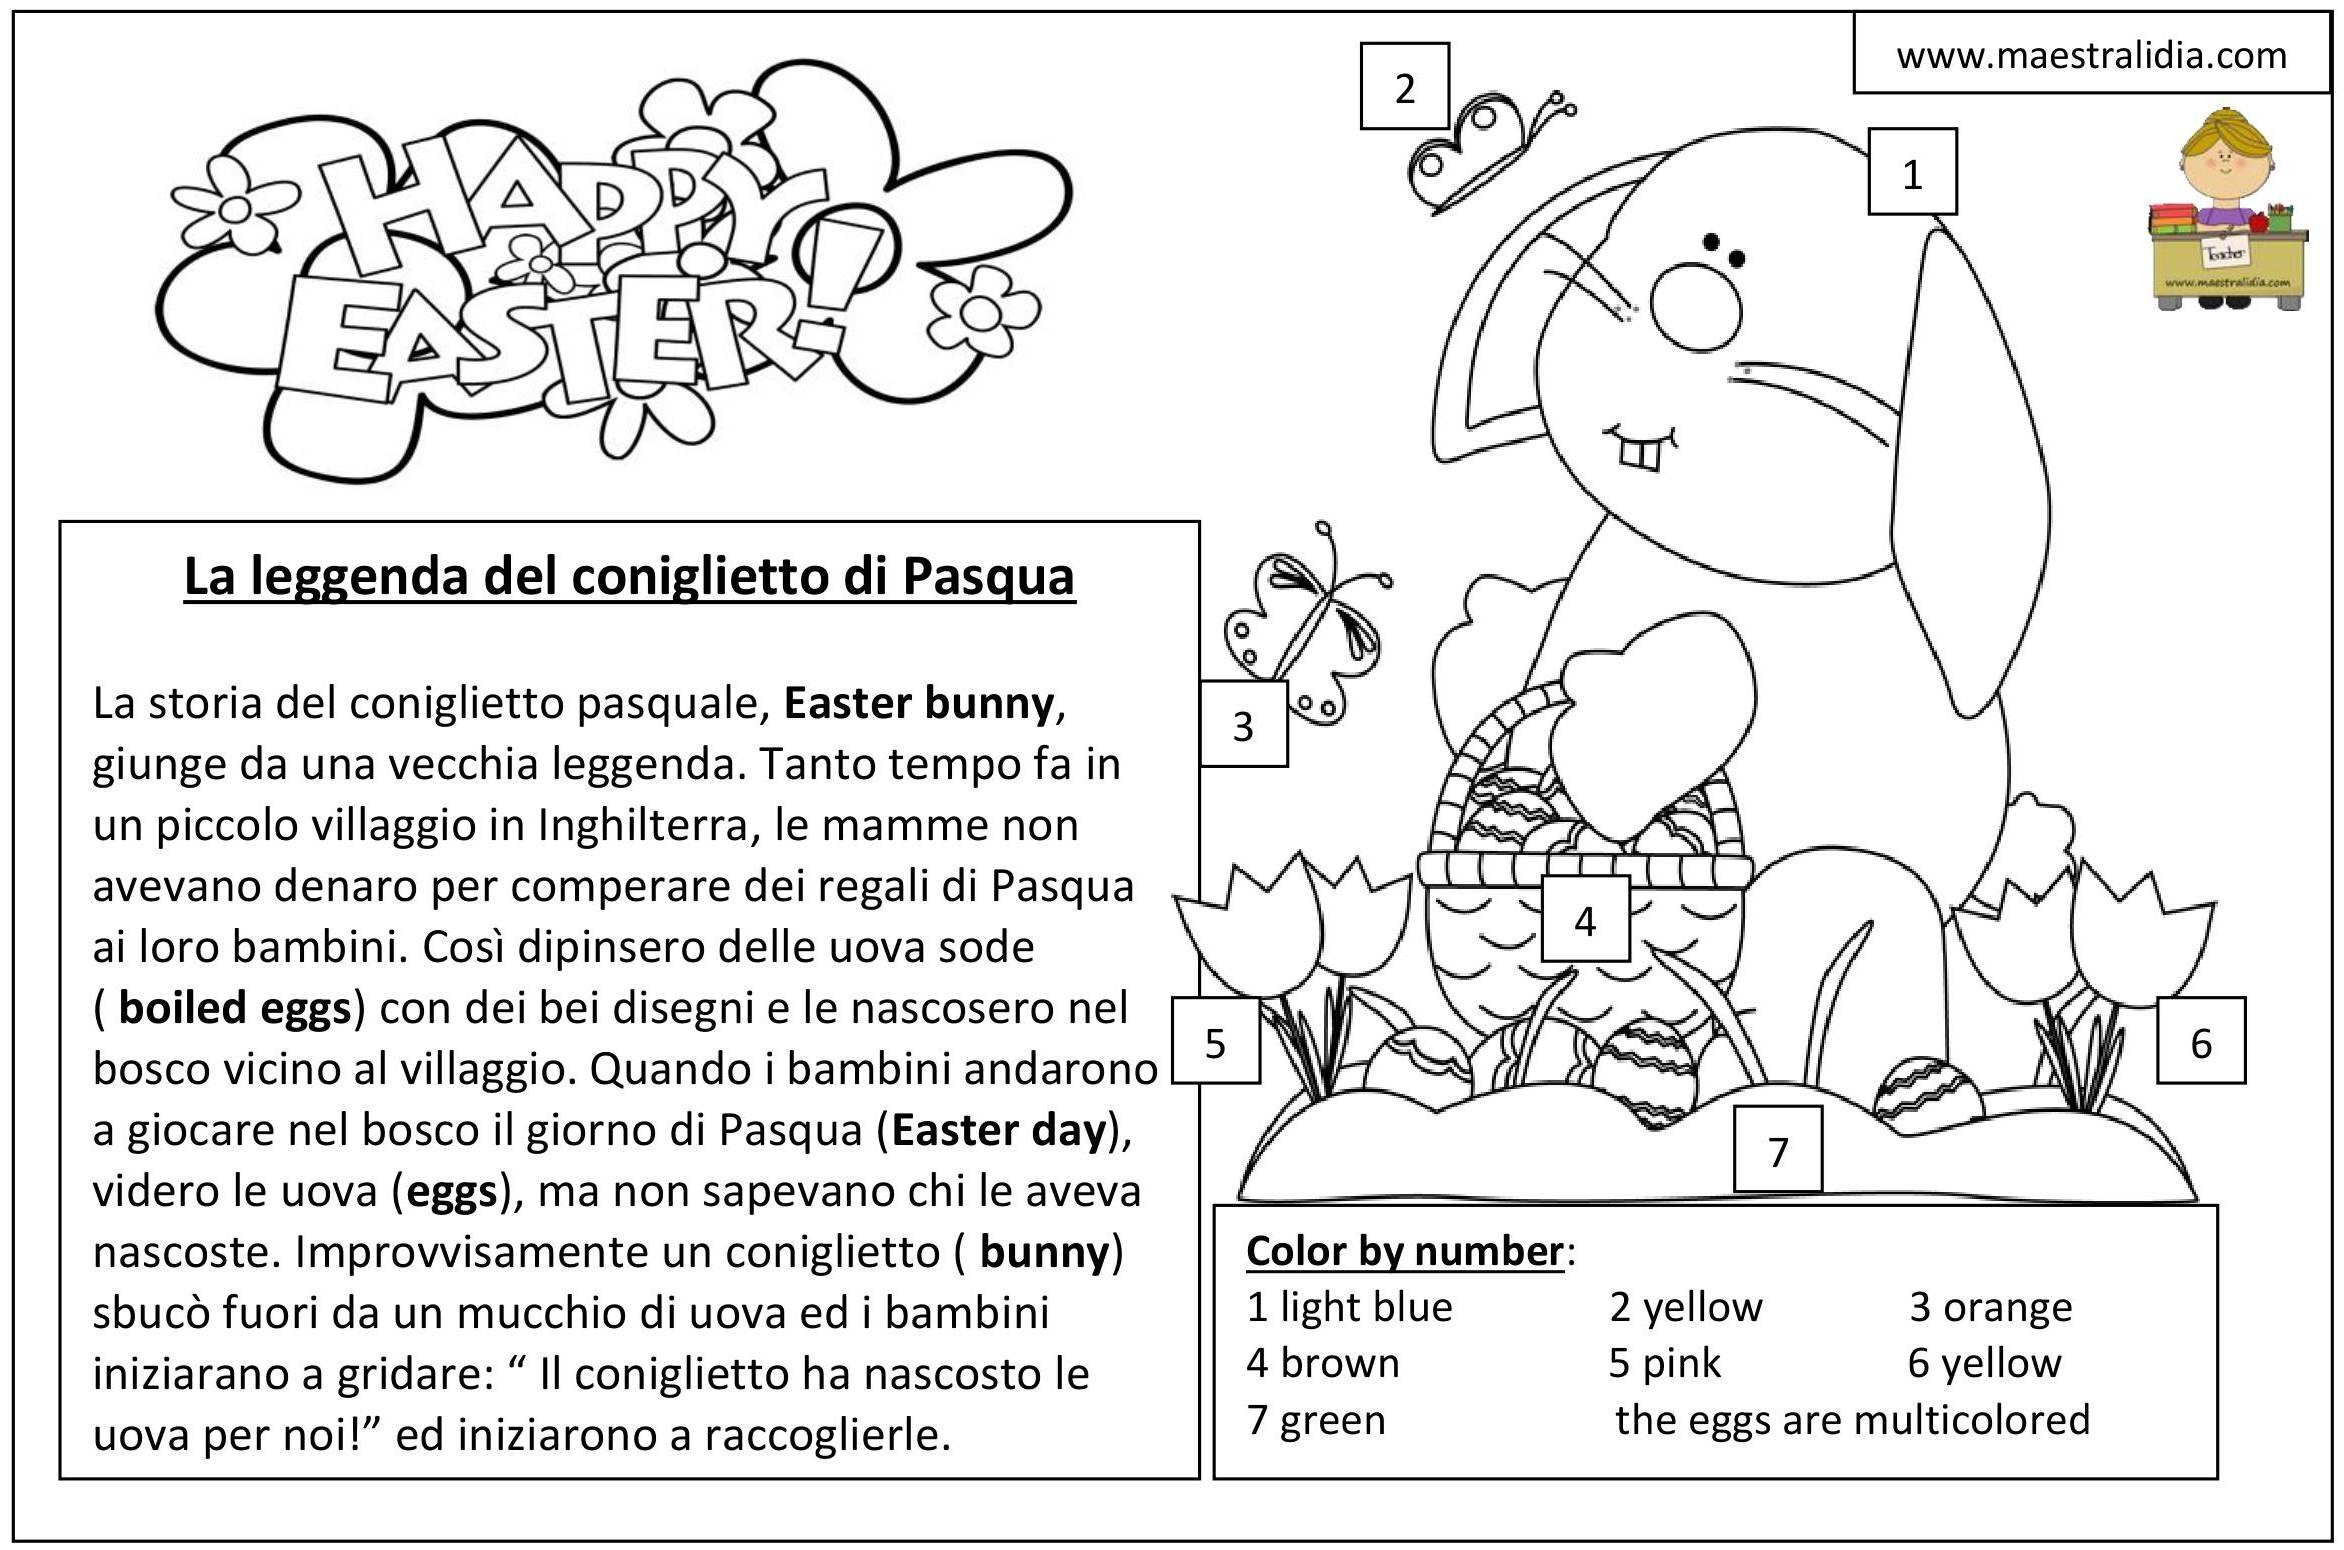 La leggenda del coniglietto di pasqua sogni d 39 oro - Lettere stampabili del coniglietto di pasqua ...